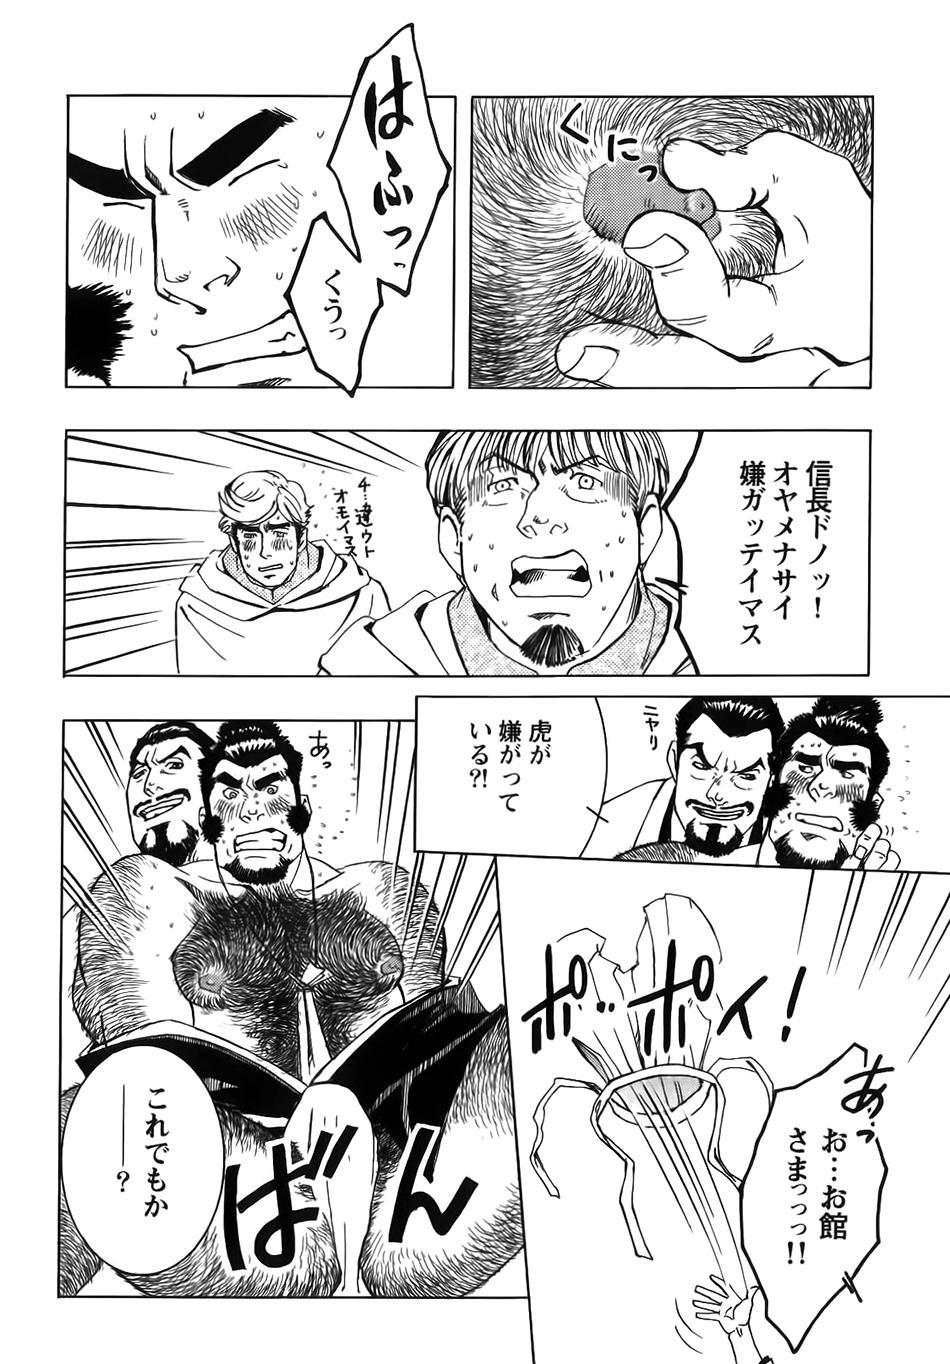 Nobunaga's lotion man 7